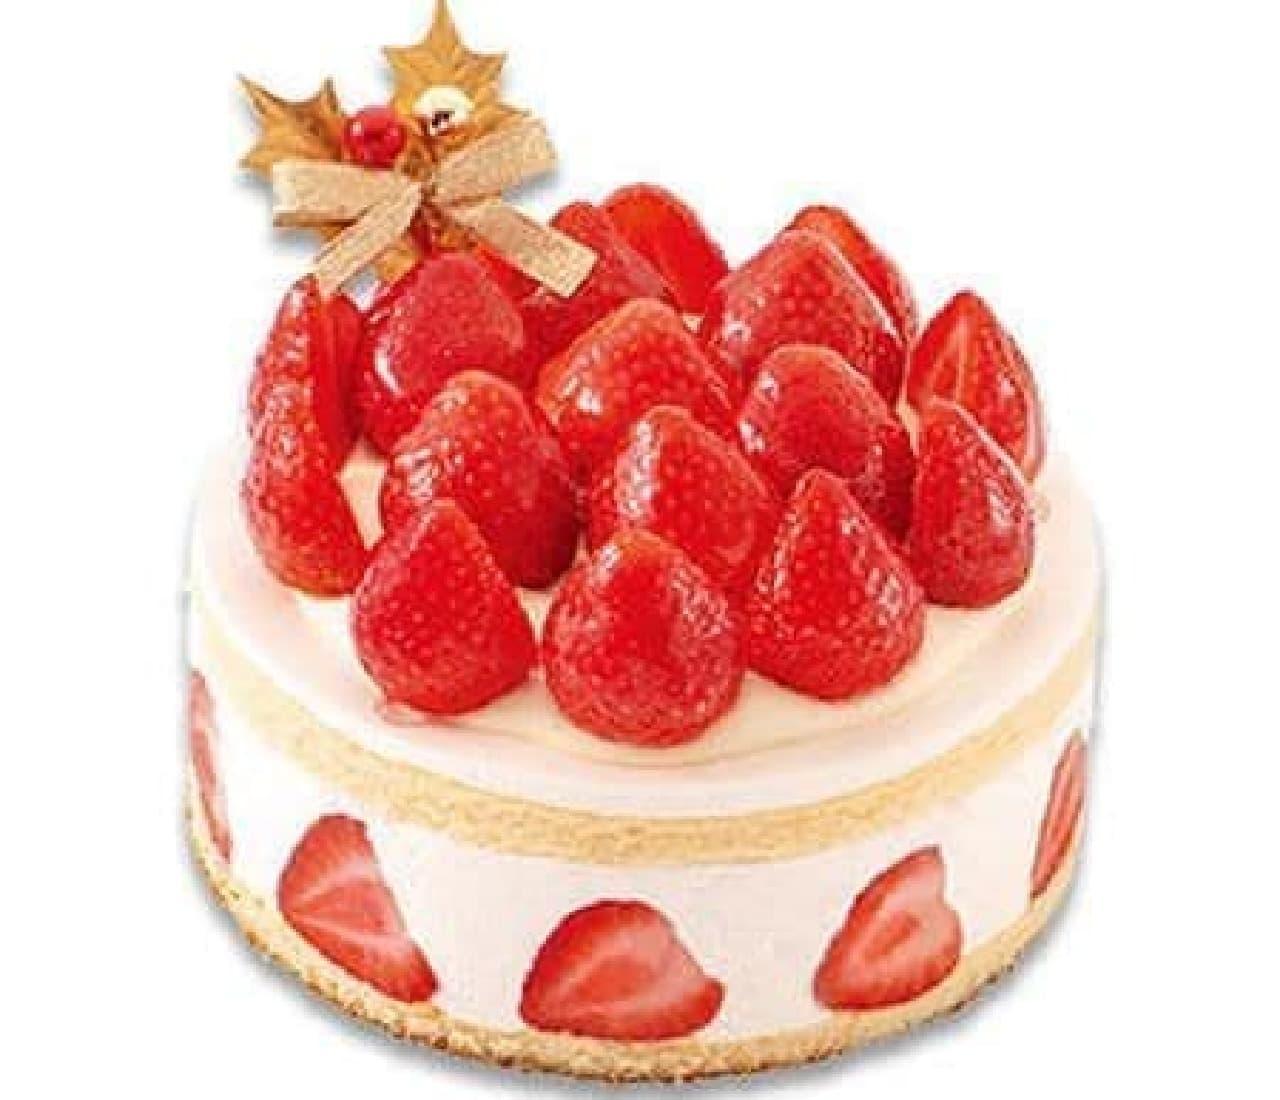 不二家「あまおう苺たっぷりの贅沢クリスマスショートケーキ」